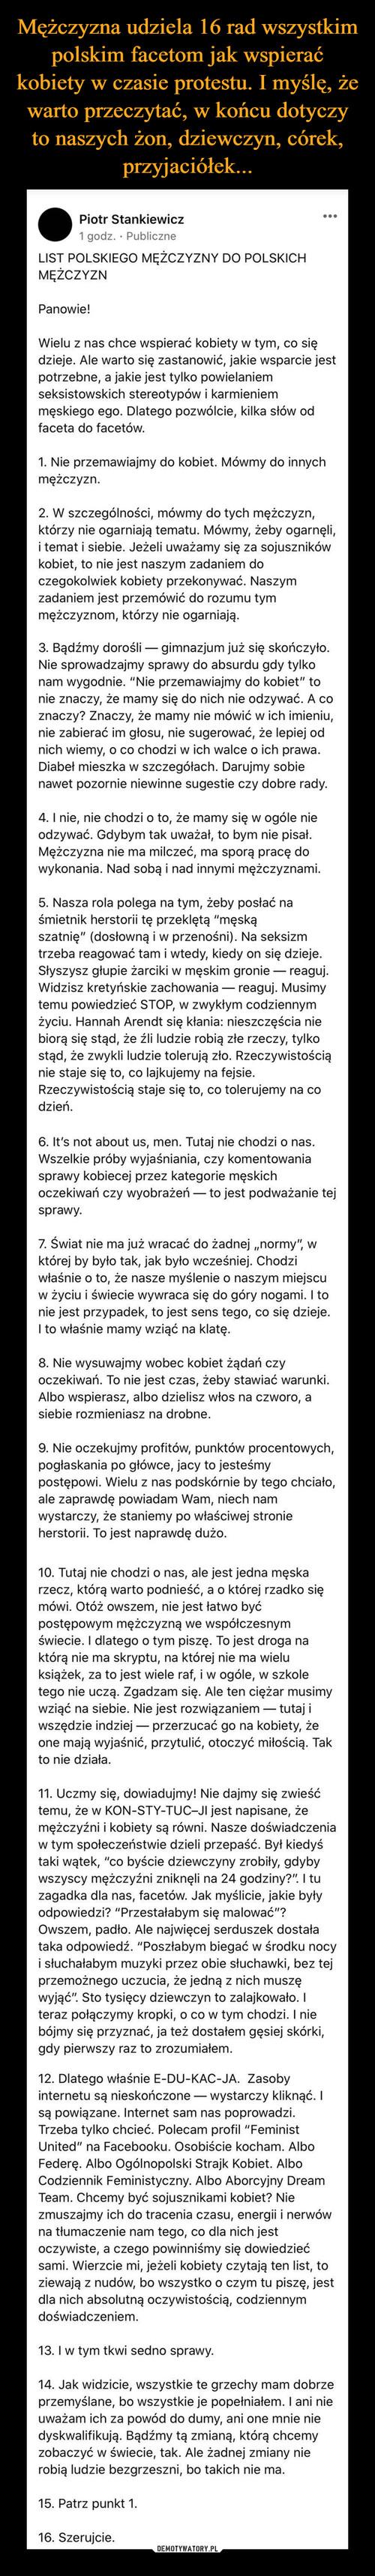 Mężczyzna udziela 16 rad wszystkim polskim facetom jak wspierać kobiety w czasie protestu. I myślę, że warto przeczytać, w końcu dotyczy to naszych żon, dziewczyn, córek, przyjaciółek...